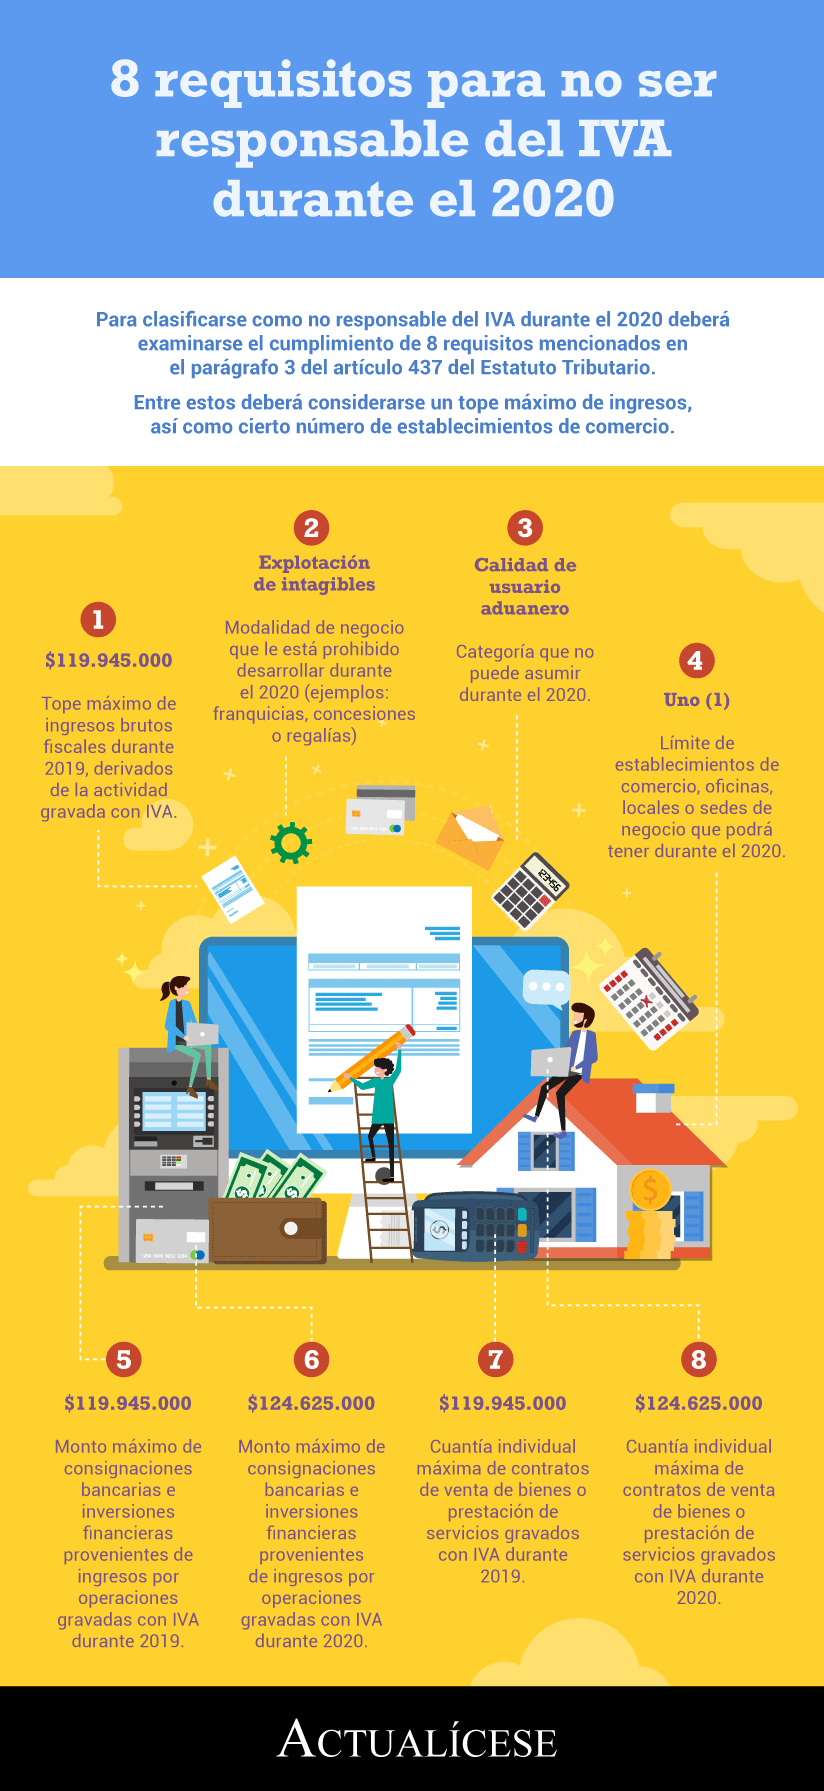 [Infografía] 8 requisitos para no ser responsable del IVA durante el 2020